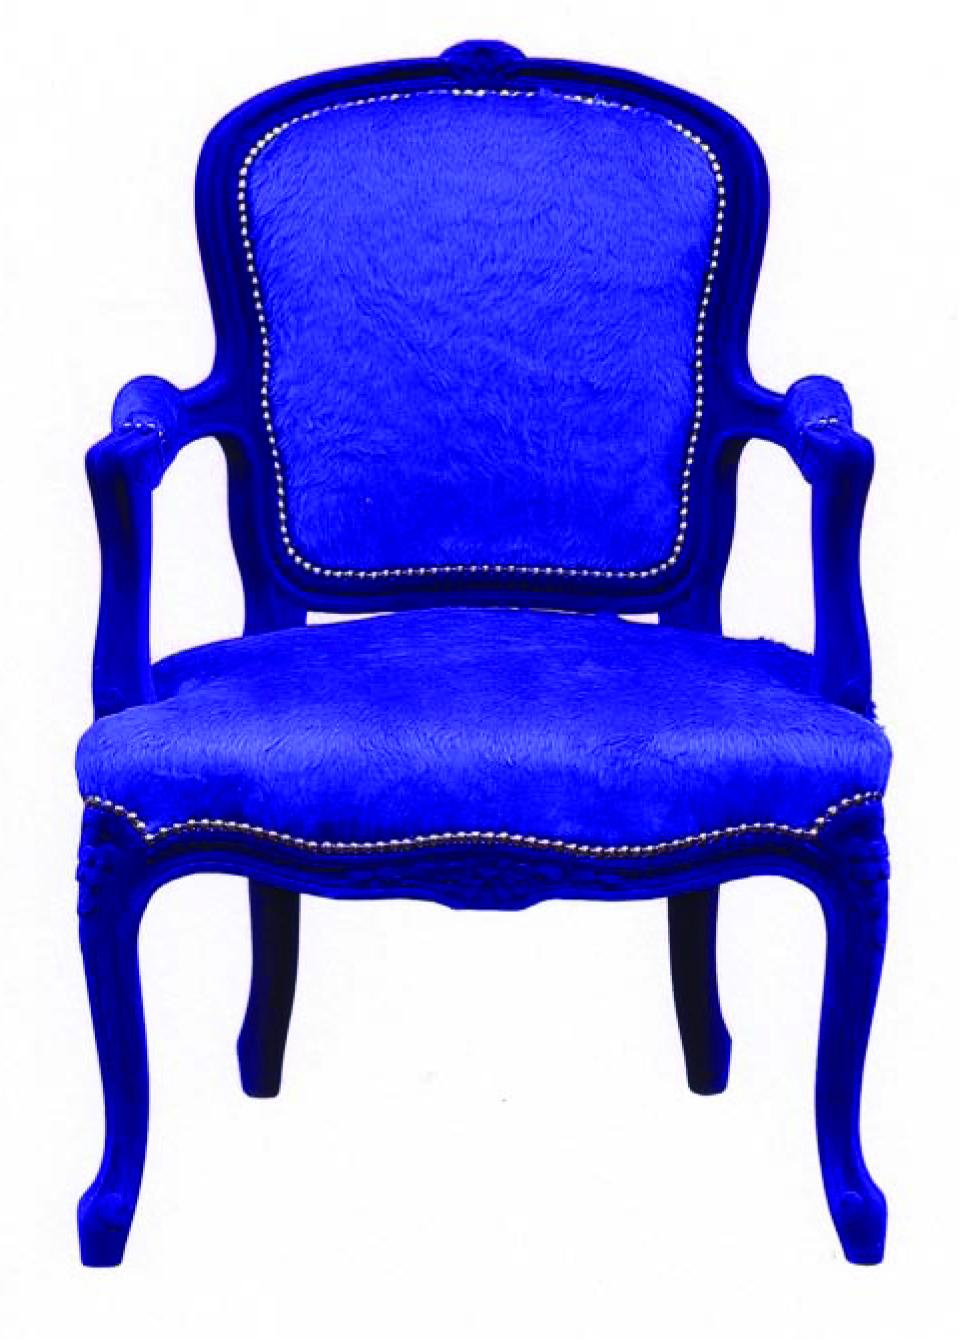 Blue chair.jpg